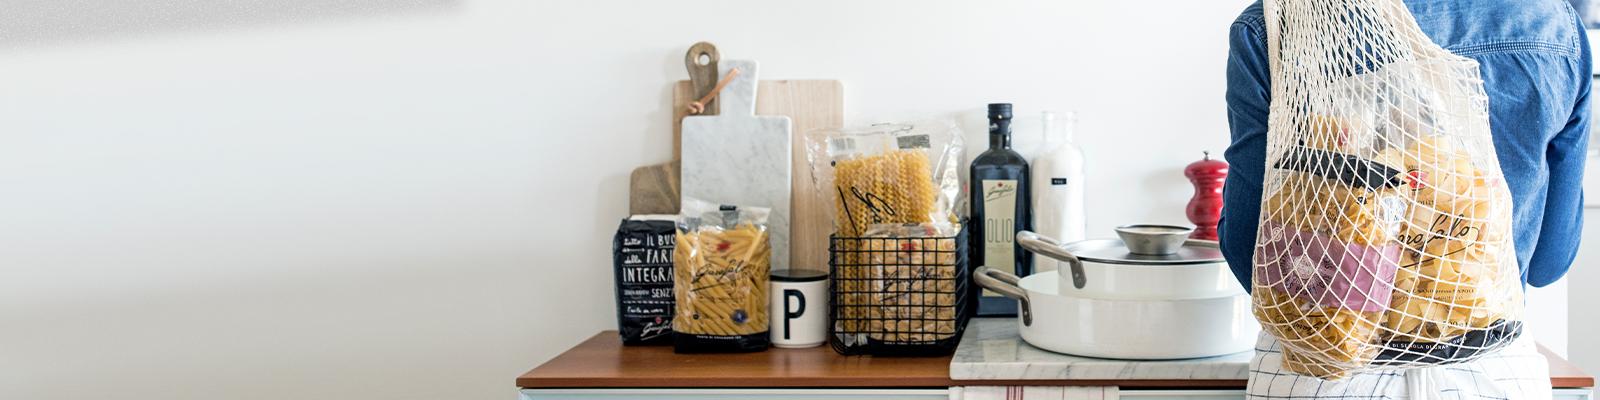 Pasta Garofalo - Distribution